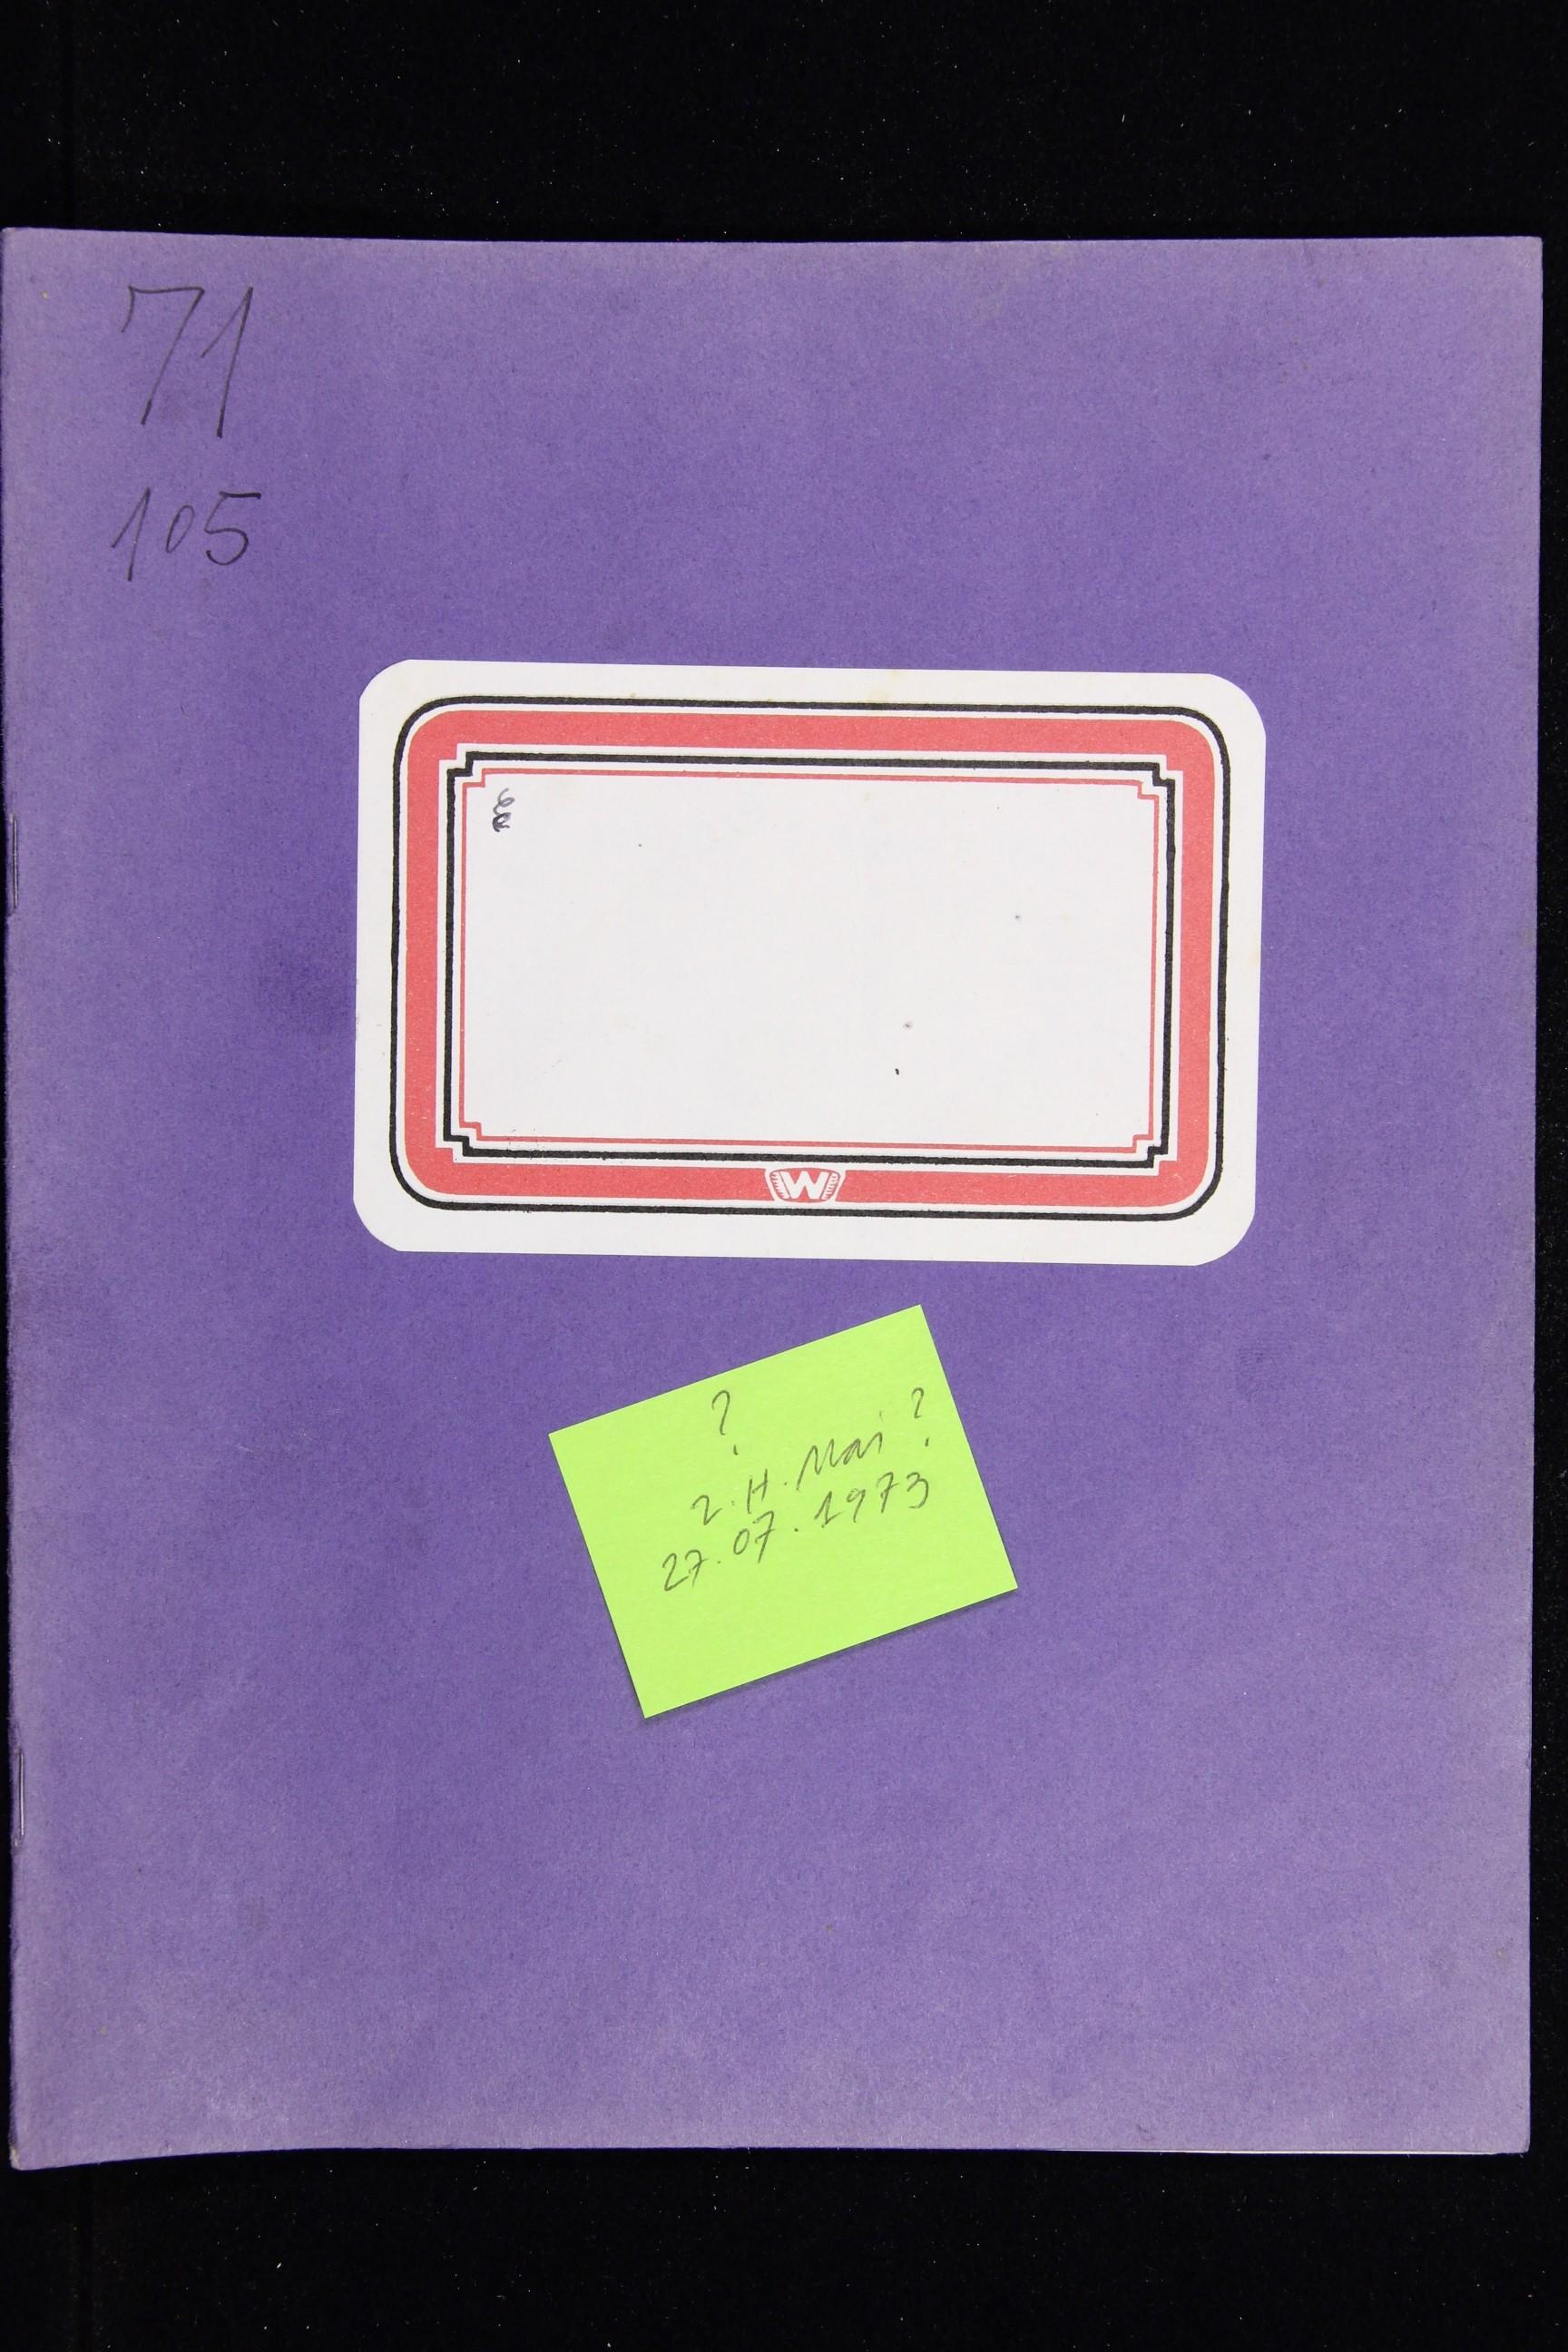 Notizbuch Hartmut Skerbisch (Inventarnr. 11) von Hartmut Skerbisch